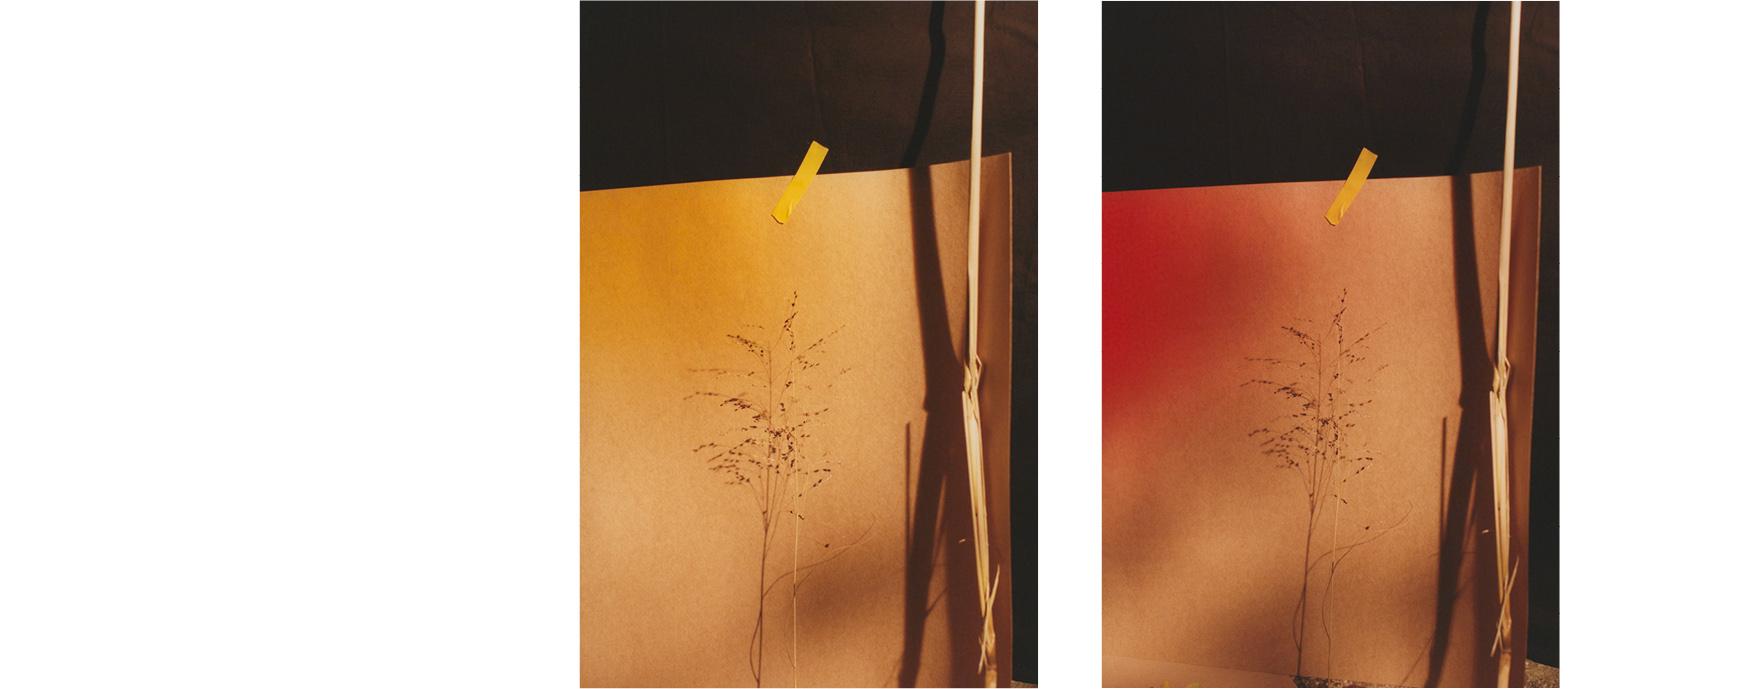 Lissome-Jack-Johnstone-Sustainable-Fashion9.jpg